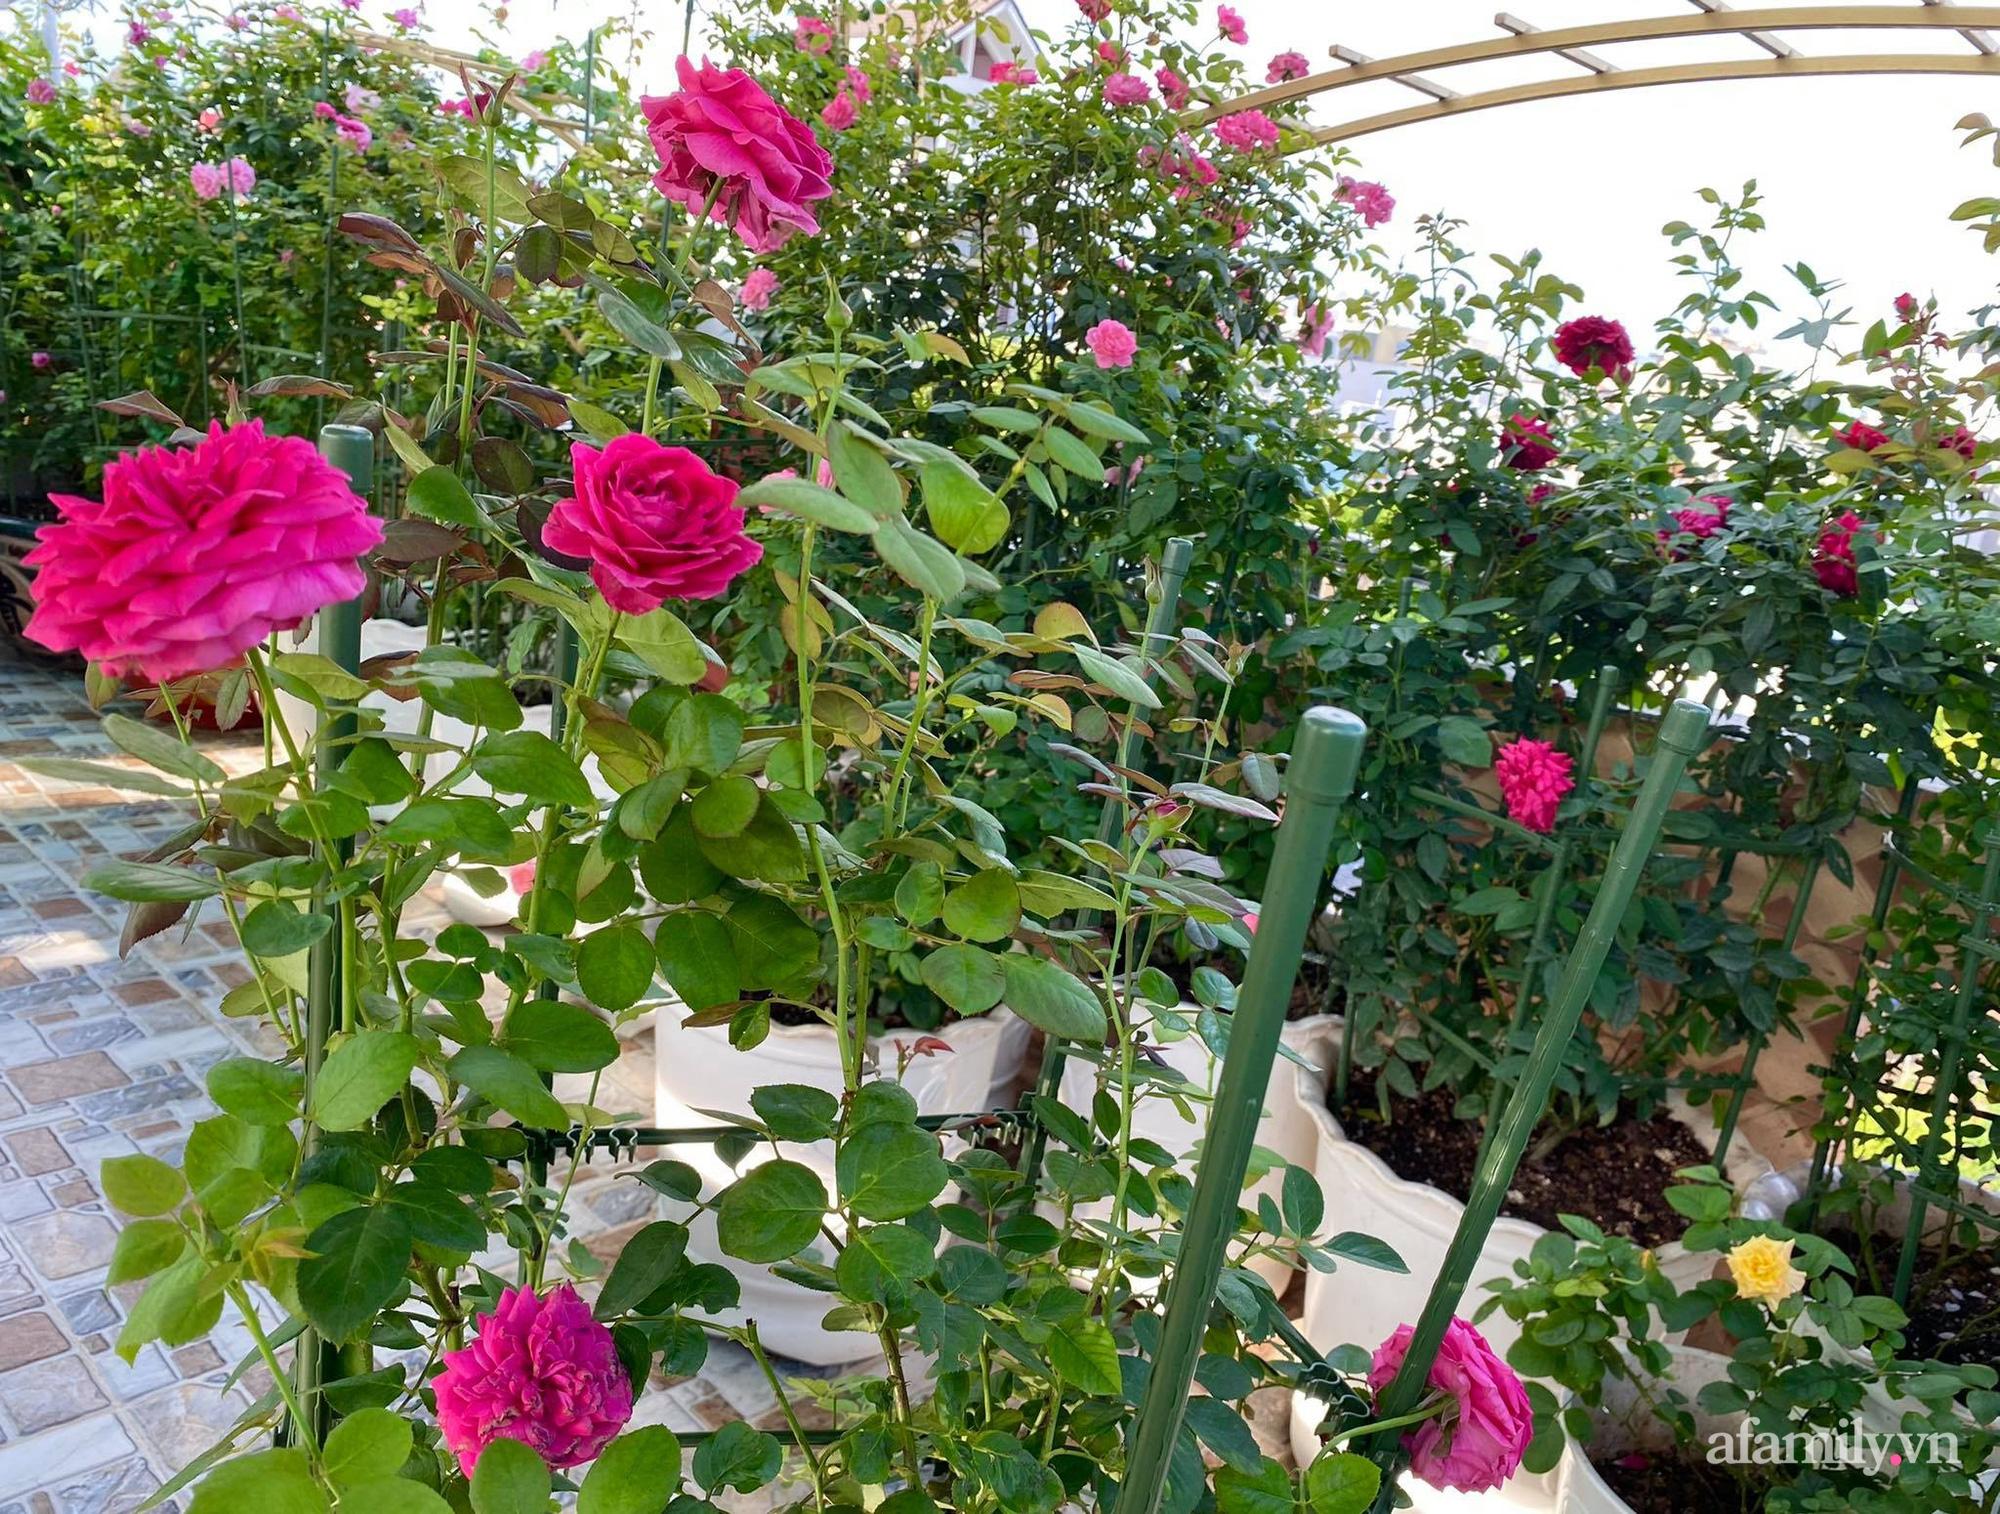 Sân thượng phủ kín hoa hồng và rau quả sạch ở Sài Gòn của Hoa hậu Janny Thủy Trần - ảnh 7